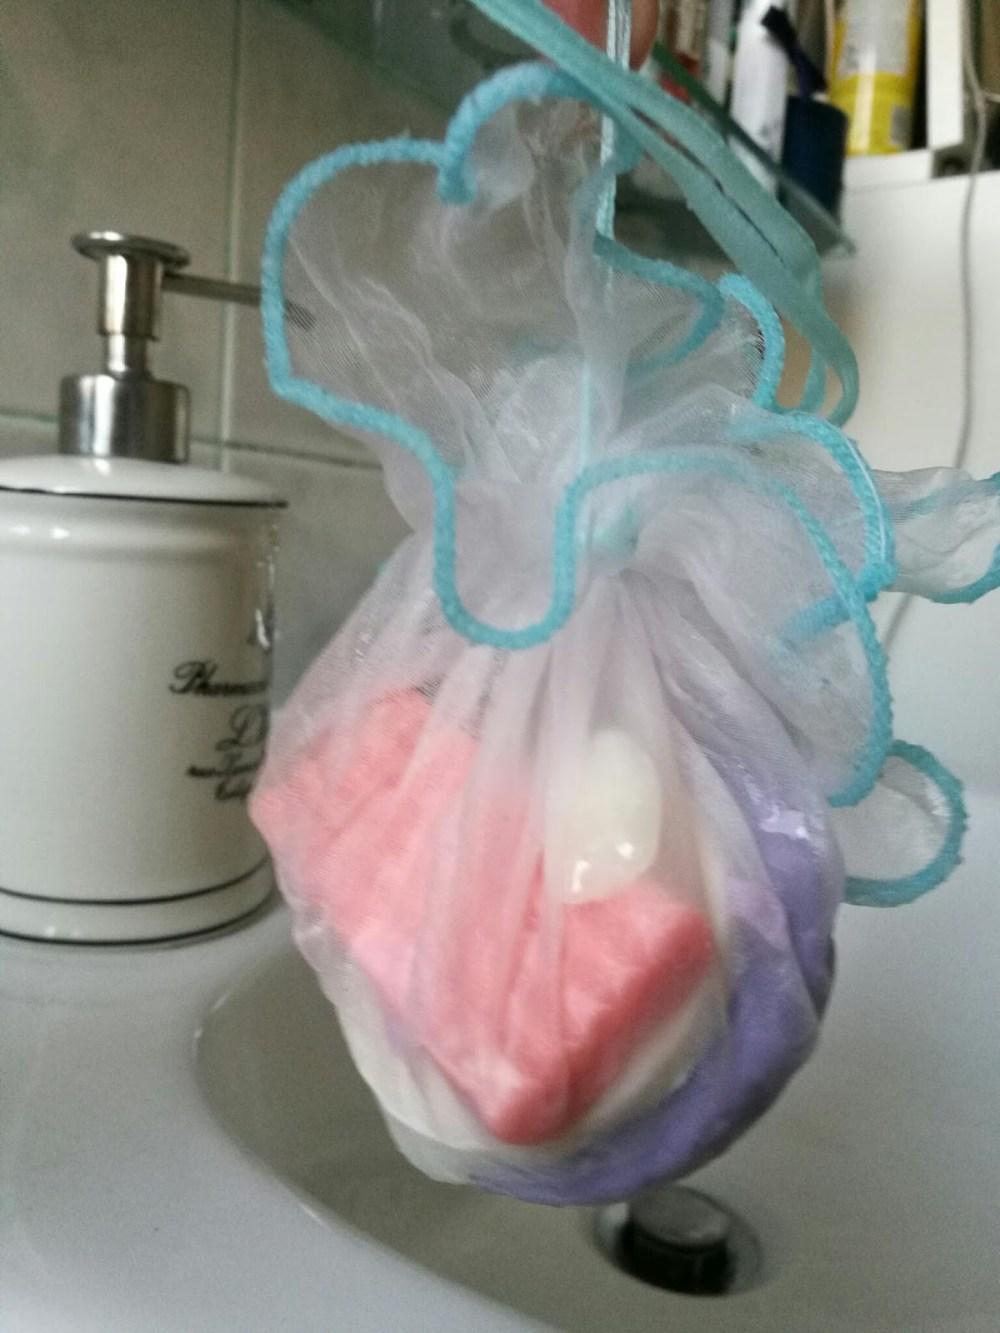 sacchettino esfoliante di scarti di sapone